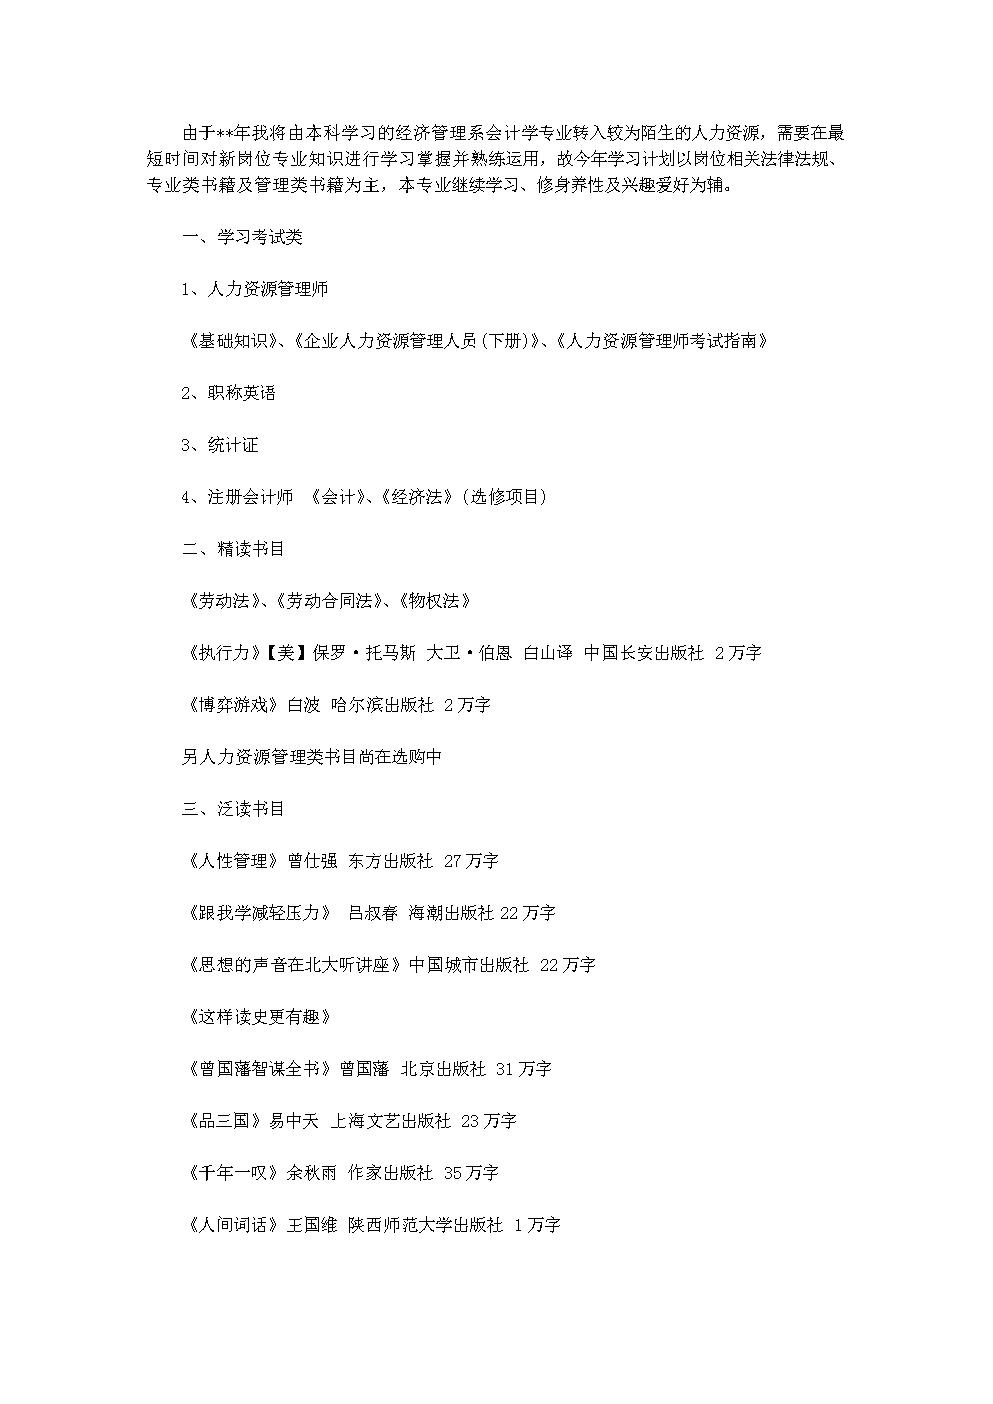 2020年大学生读书学习计划例文.doc